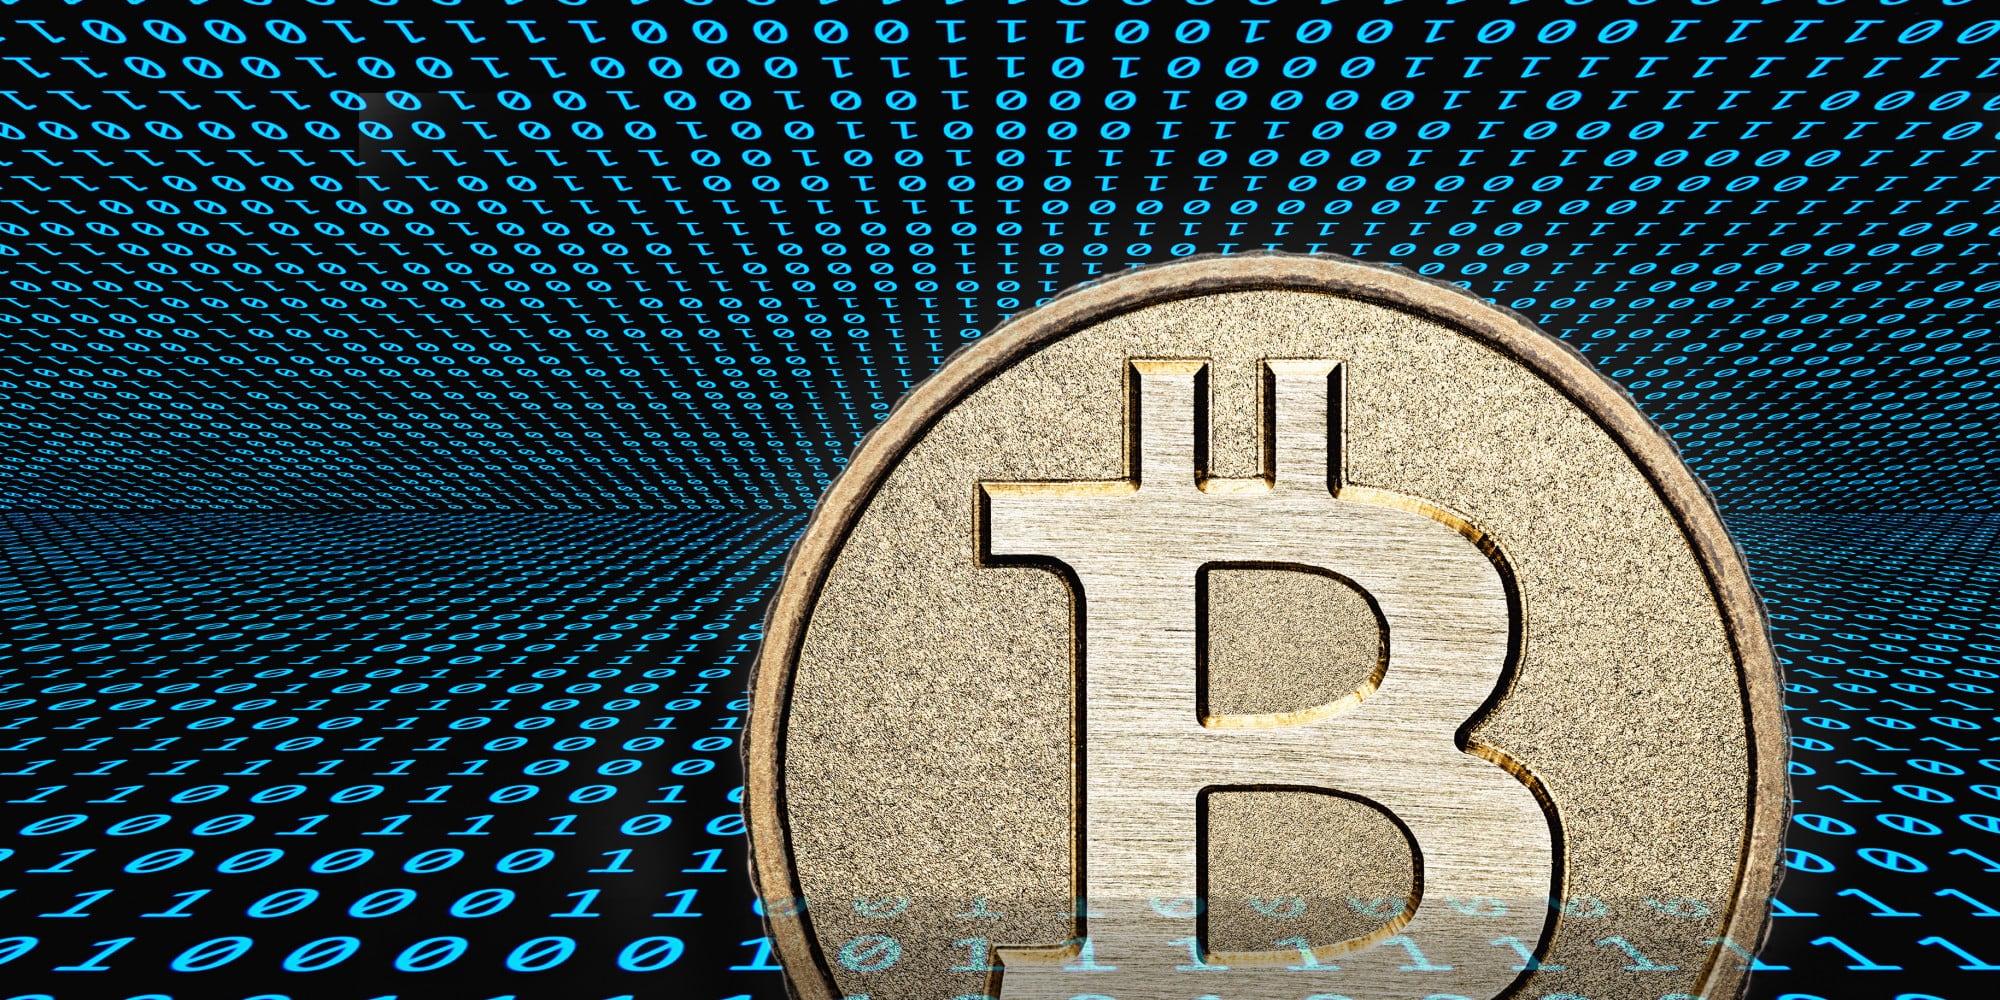 grosse bitcoin muenze mit vielen zahlen